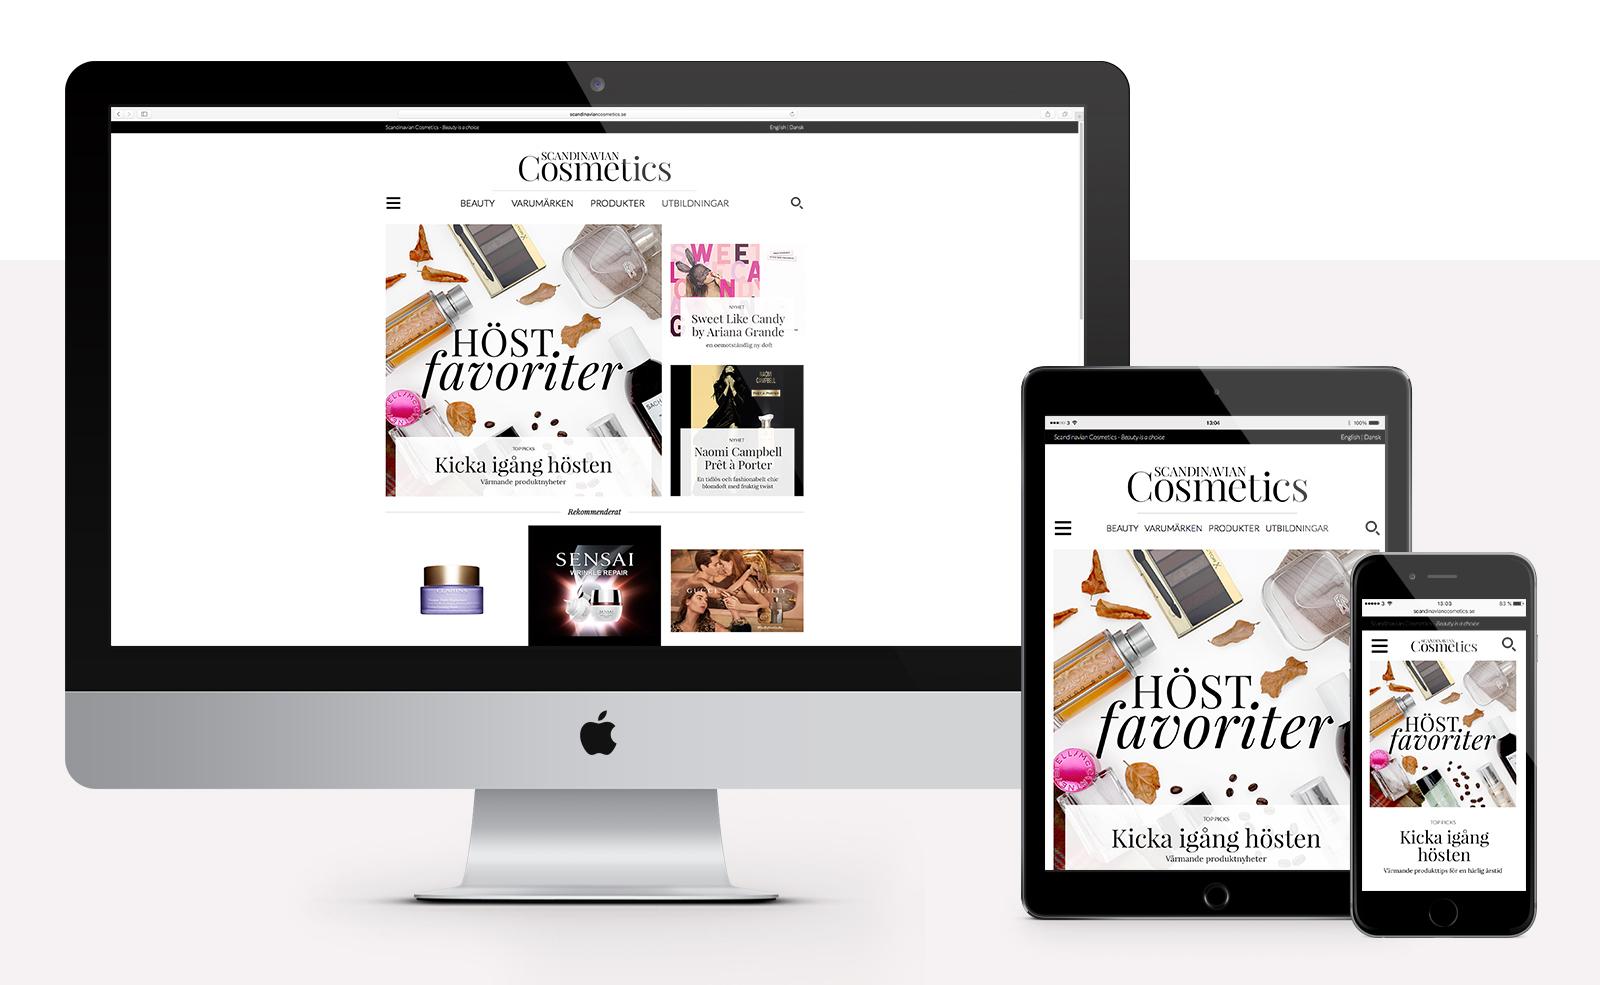 Scandinavian Cosmetics Webbplats byggd på ExpressionEngine